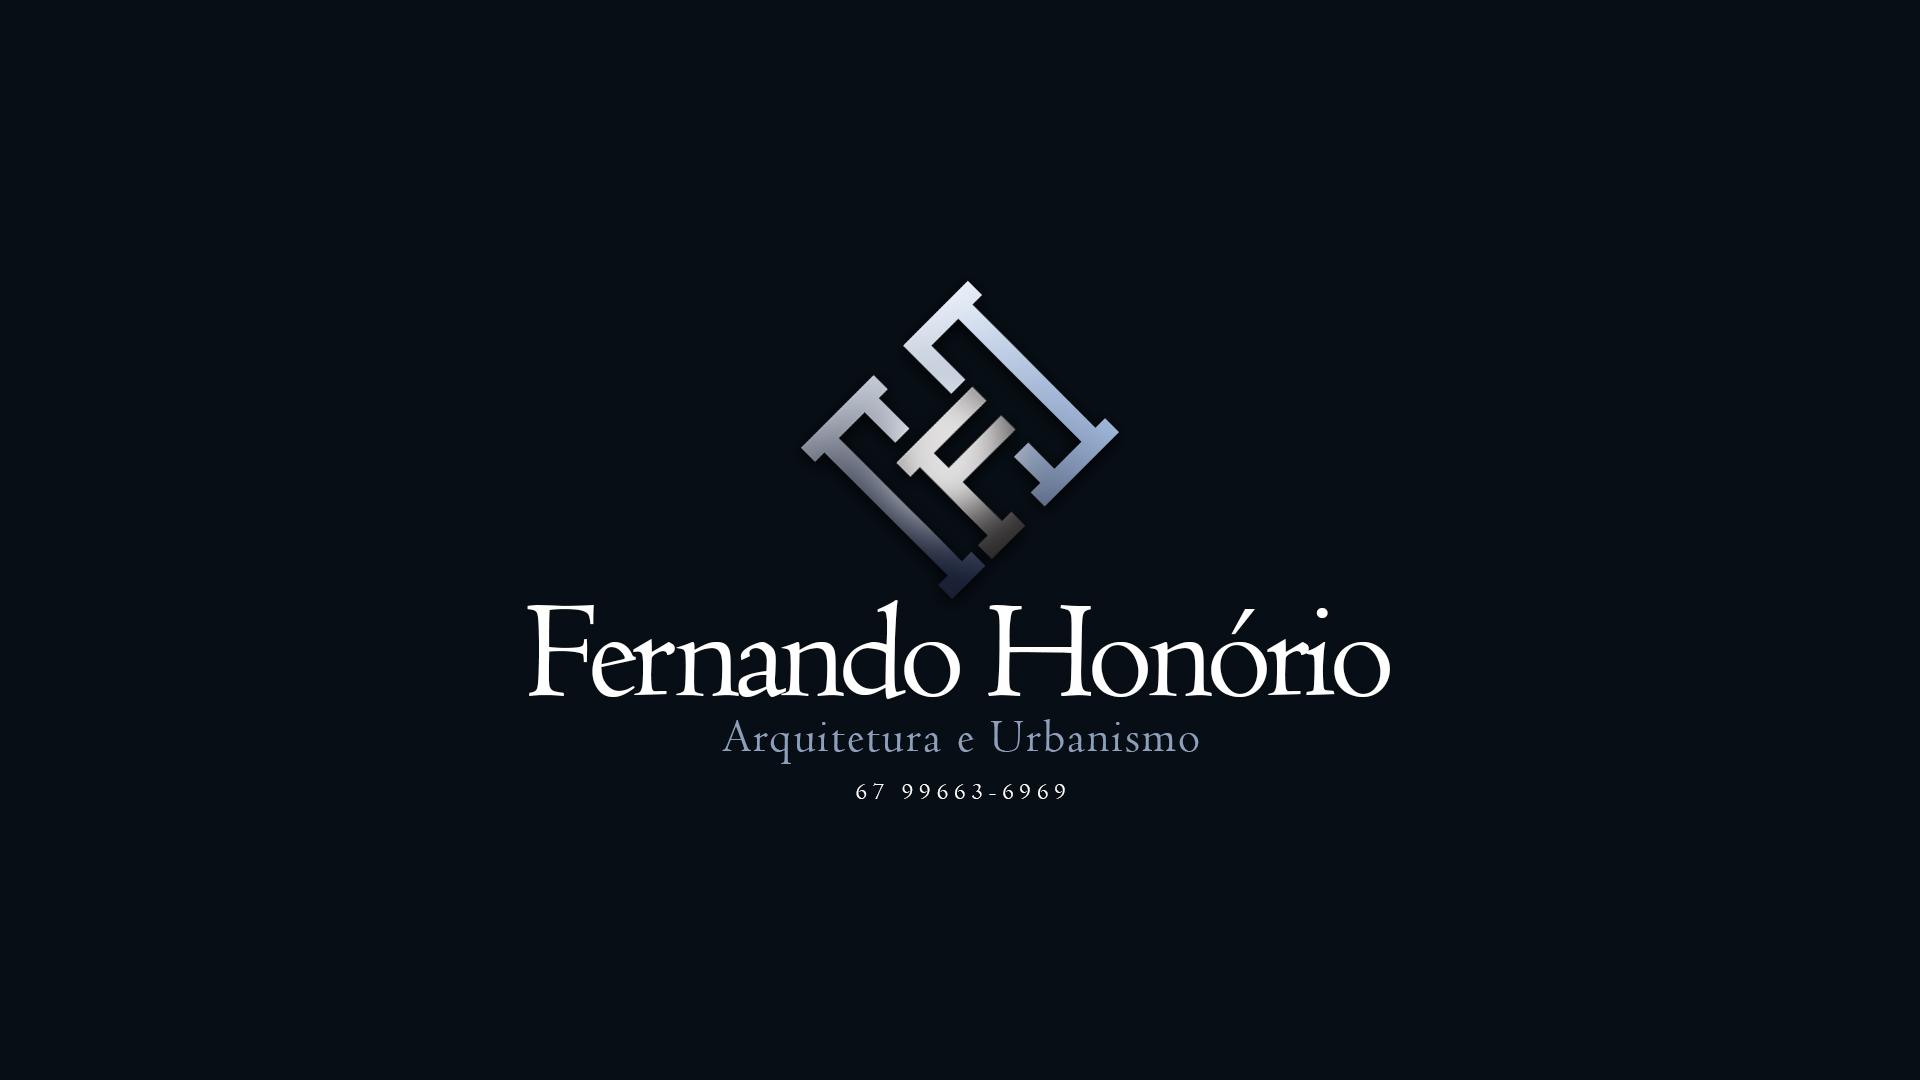 Fernando Honório